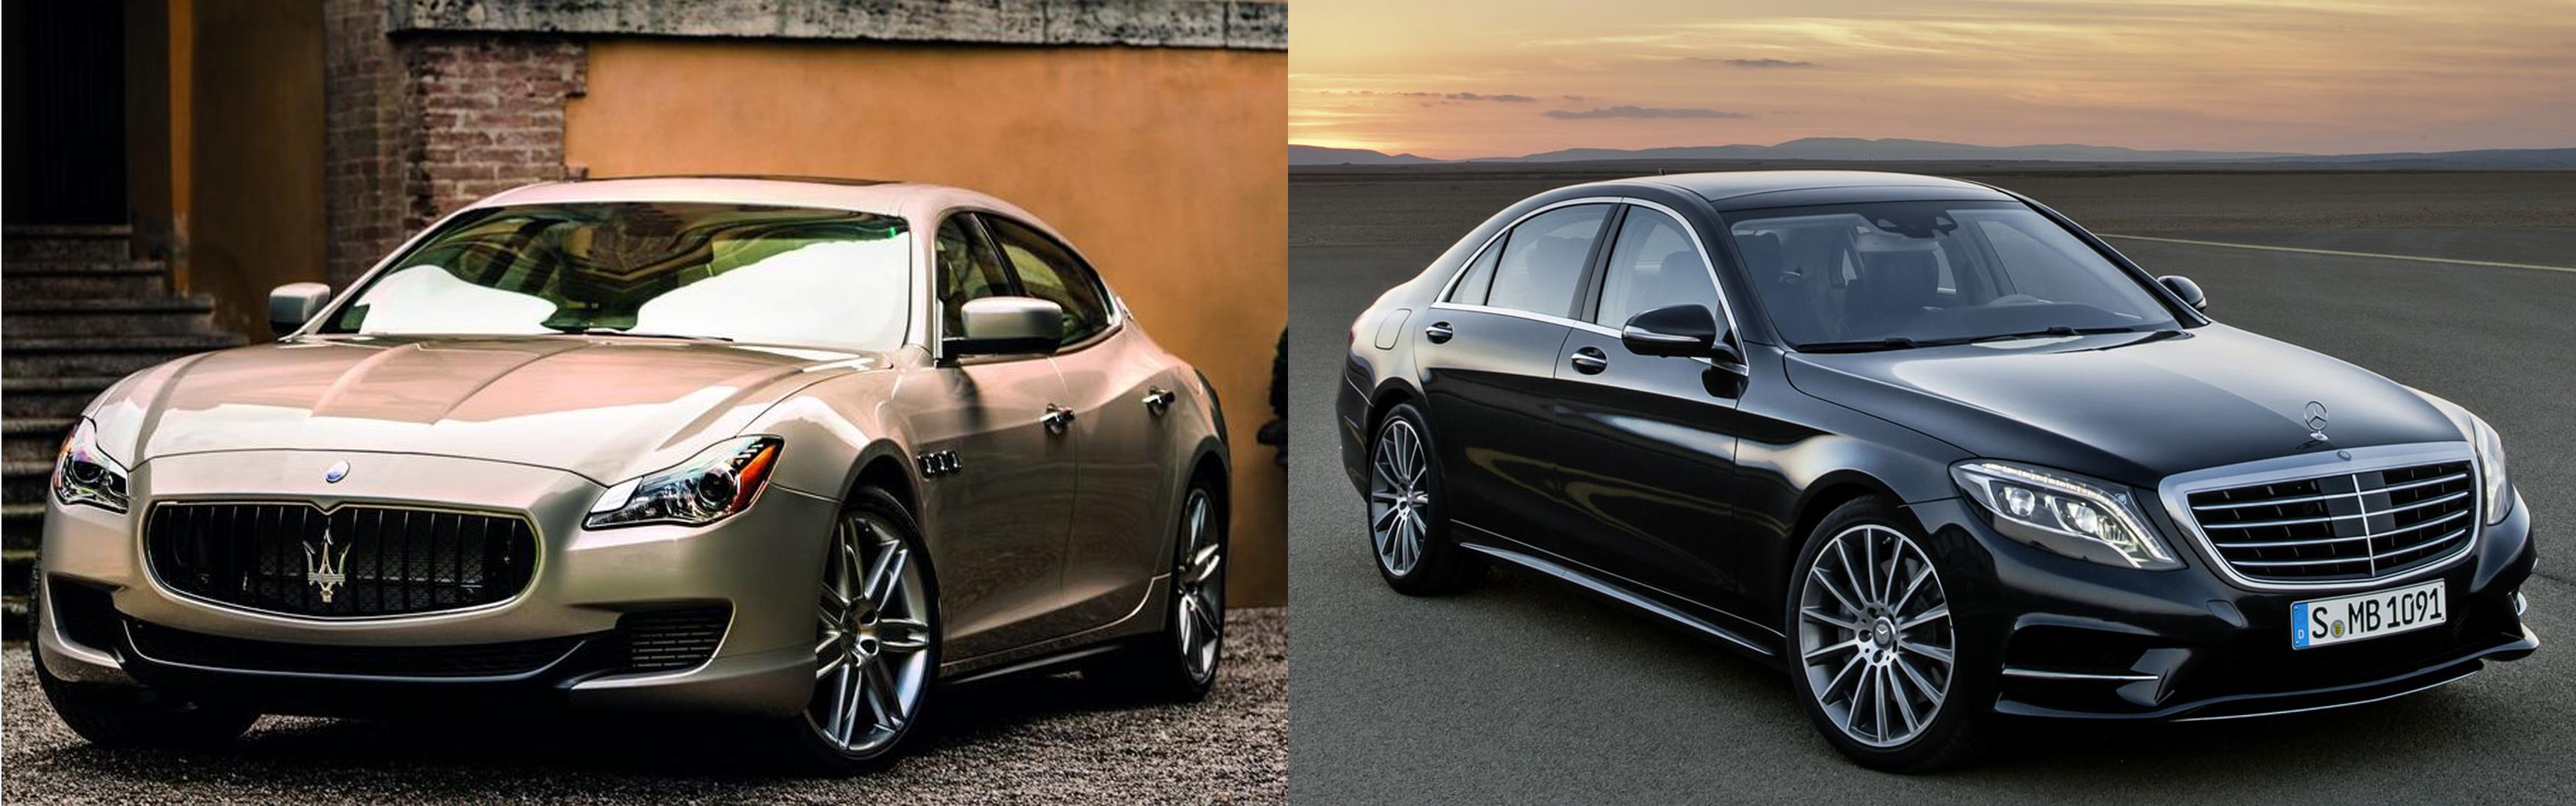 Maserati Quattroporte or Mercedes-Benz S-Cl? | Fiat Group's World on fiat spider, fiat ritmo, fiat 500l, fiat coupe, fiat stilo, fiat linea, fiat panda, fiat doblo, fiat x1/9, fiat 500 turbo, fiat cinquecento, fiat 500 abarth, fiat multipla, fiat cars, fiat seicento, fiat barchetta, fiat bravo, fiat marea,